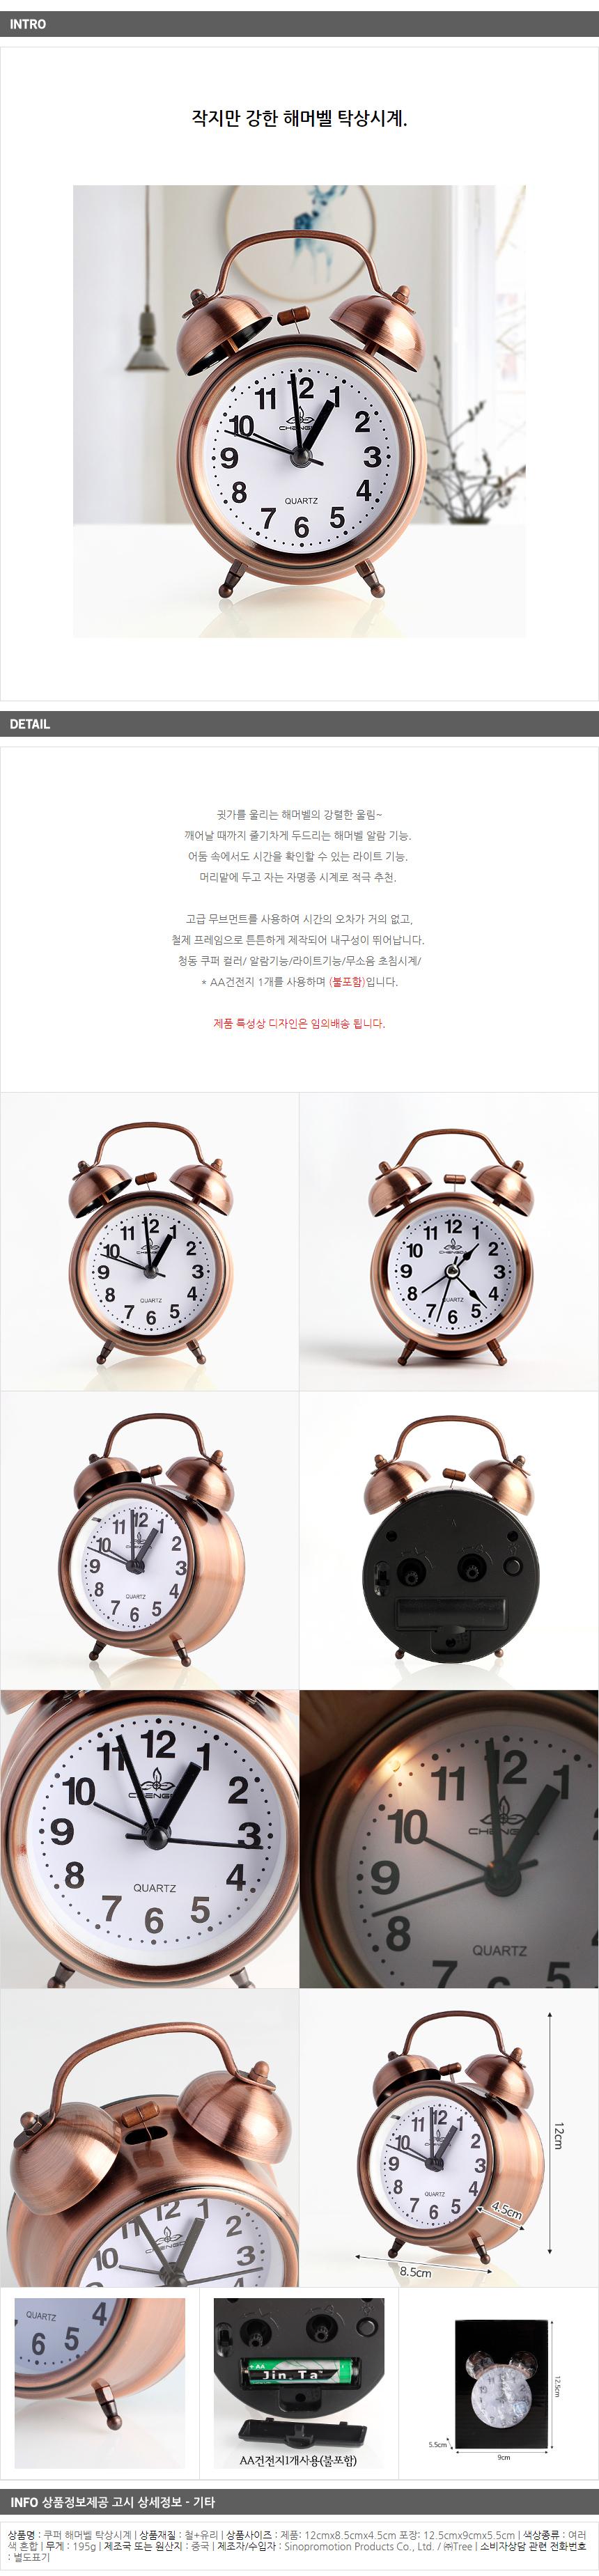 시끄러운 알람시계/인테리어시계  탁상시계 - 기프트갓, 10,280원, 알람/탁상시계, 알람시계